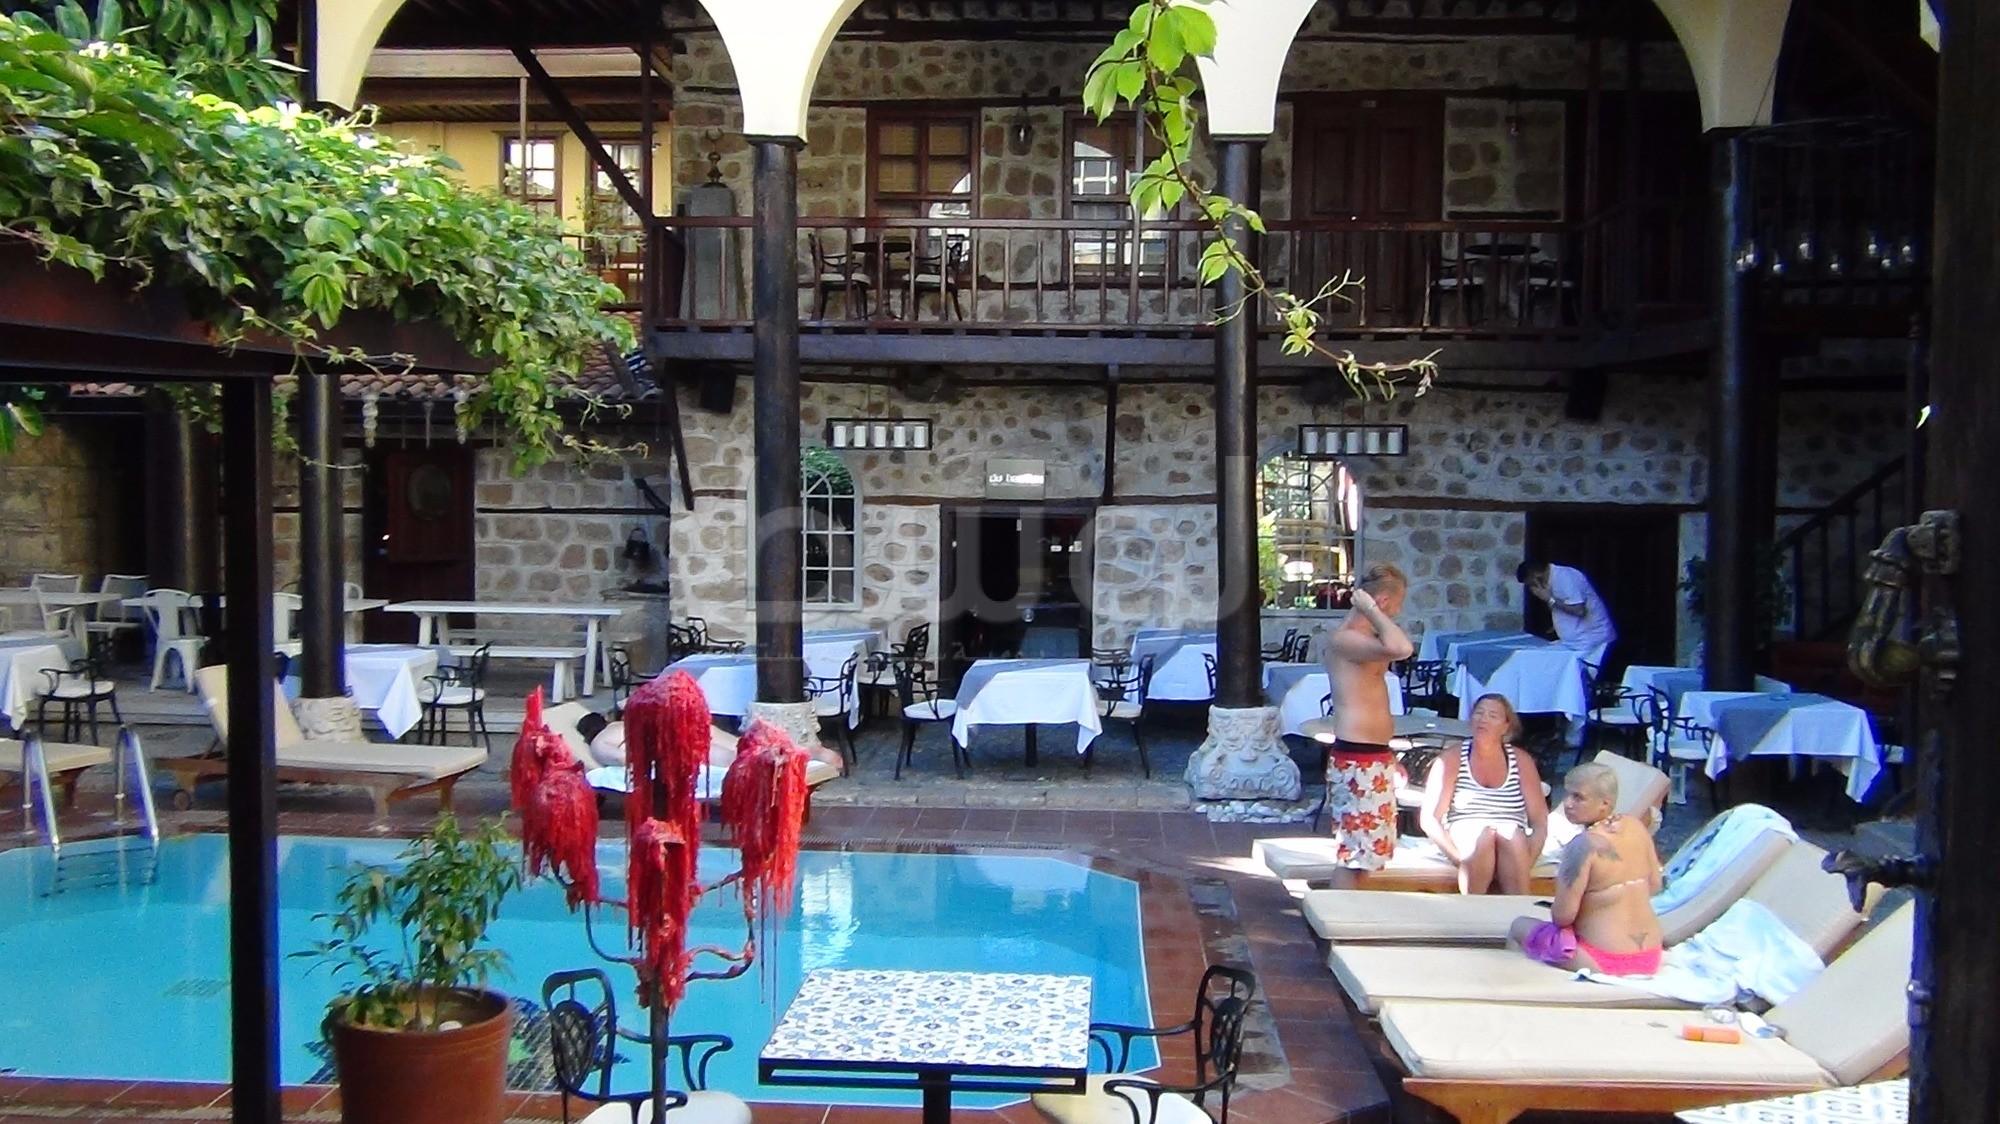 فنادق البوتيك في الحي القديم بانطاليا